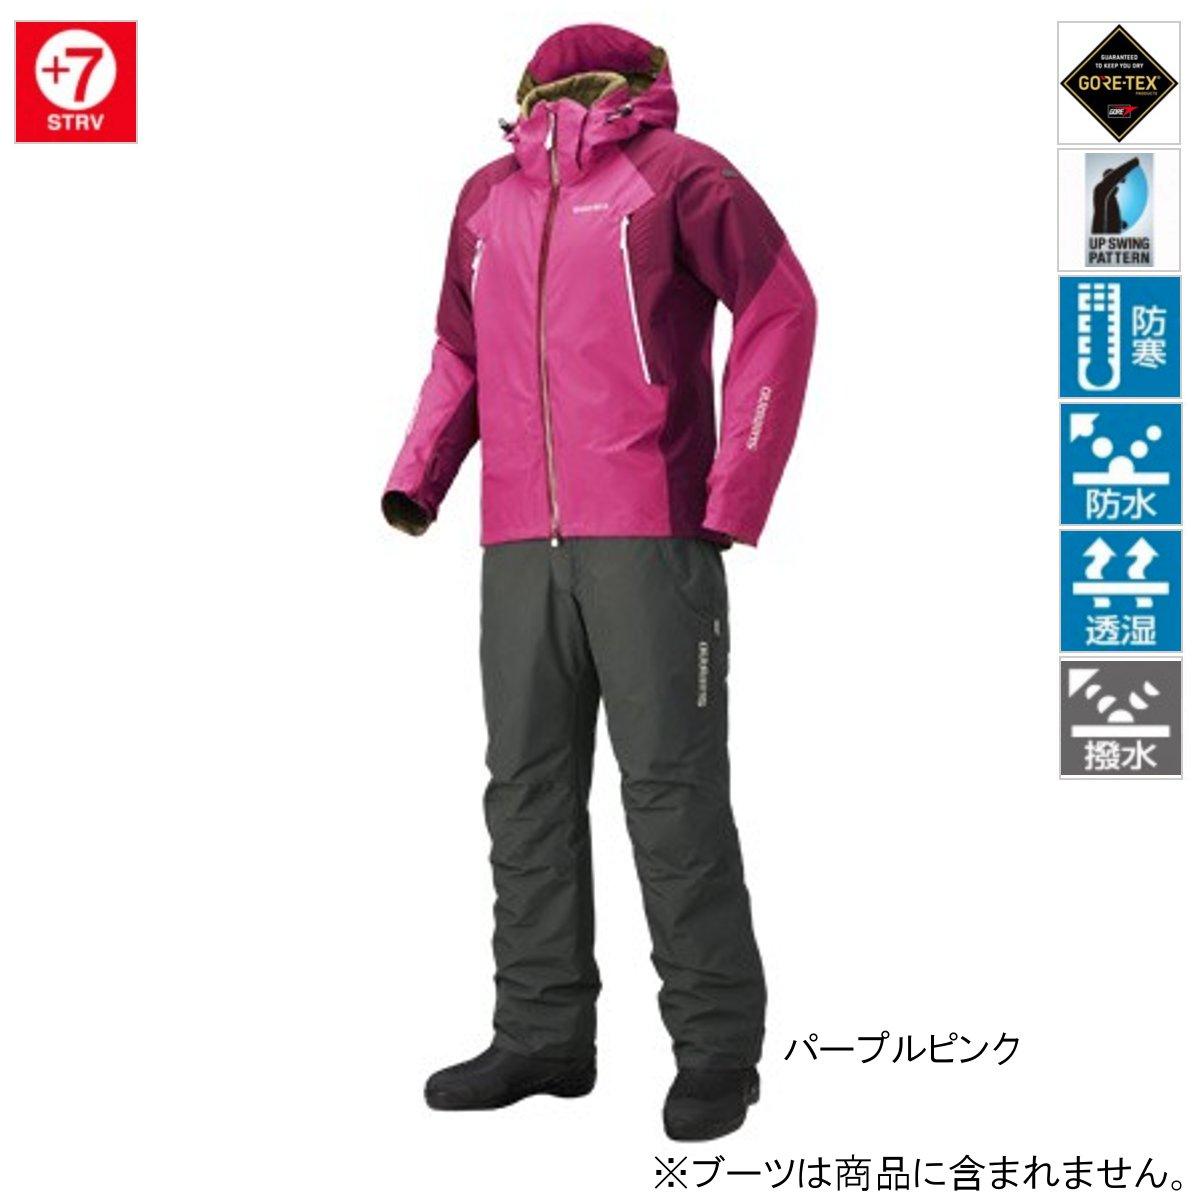 シマノ GORE-TEX ベーシックウォームスーツ RB-017R M パープルピンク(東日本店)